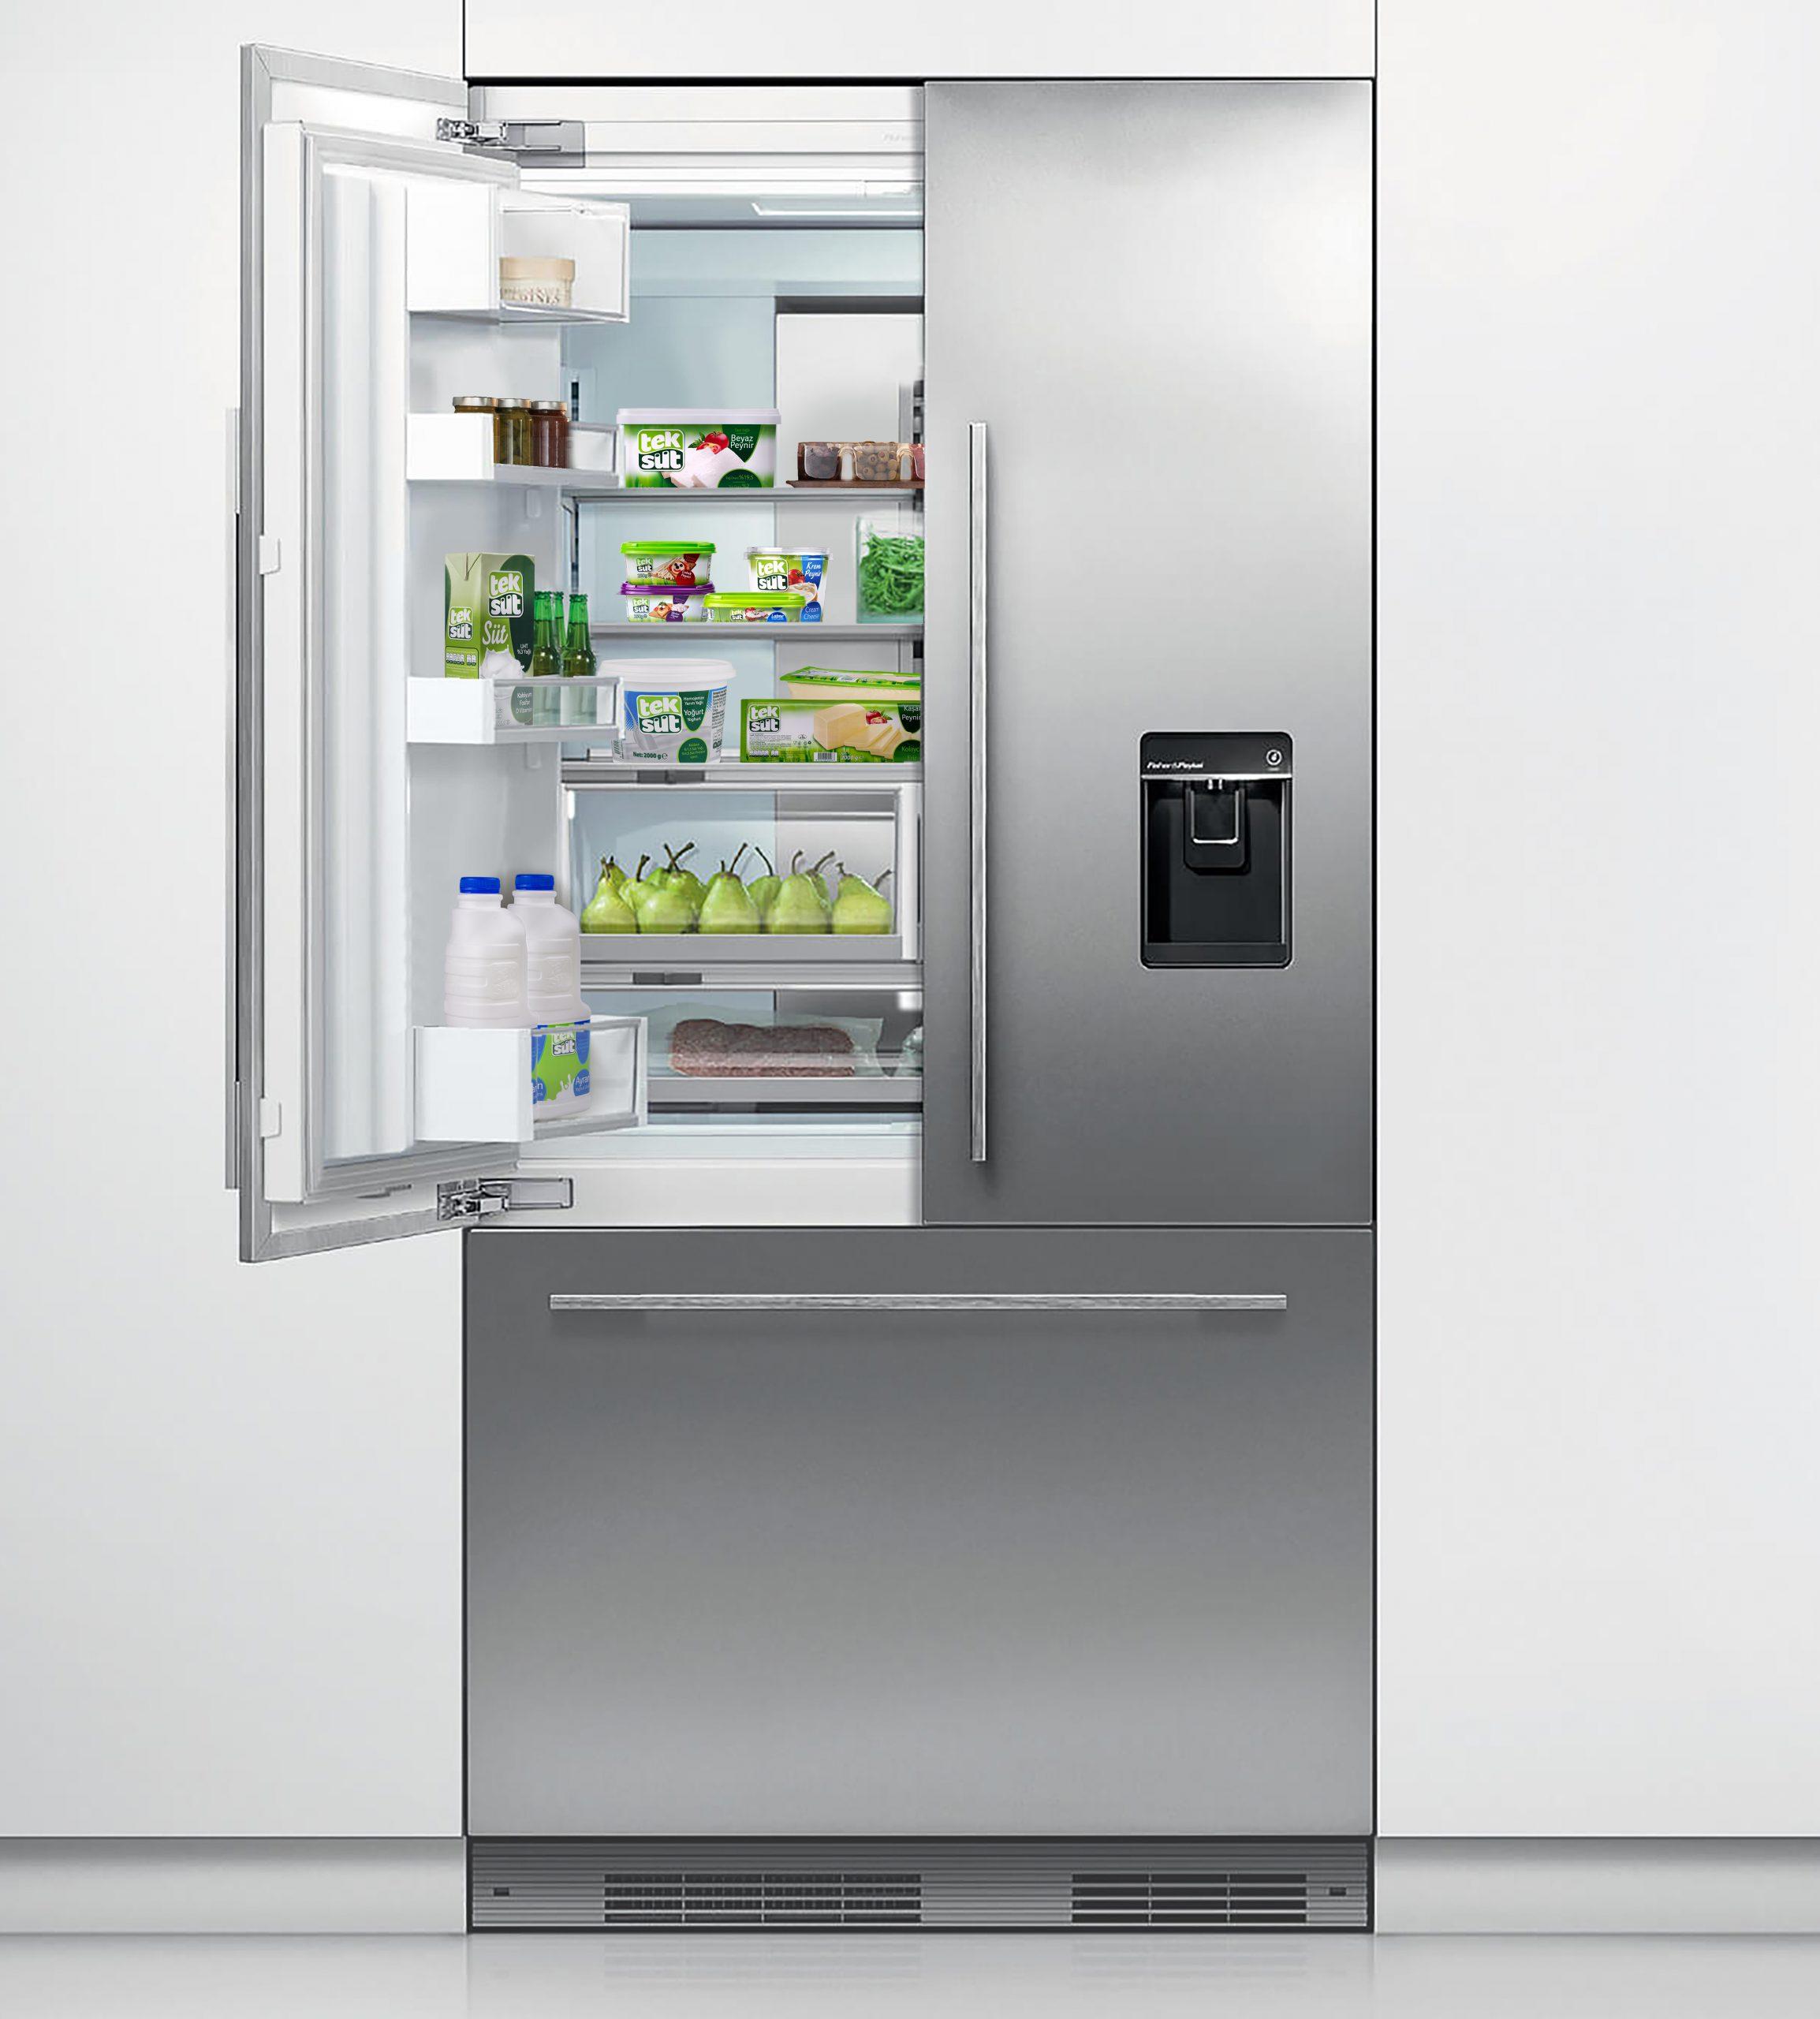 sut-urunlerini-buzdolabinda-boyle-saklayin